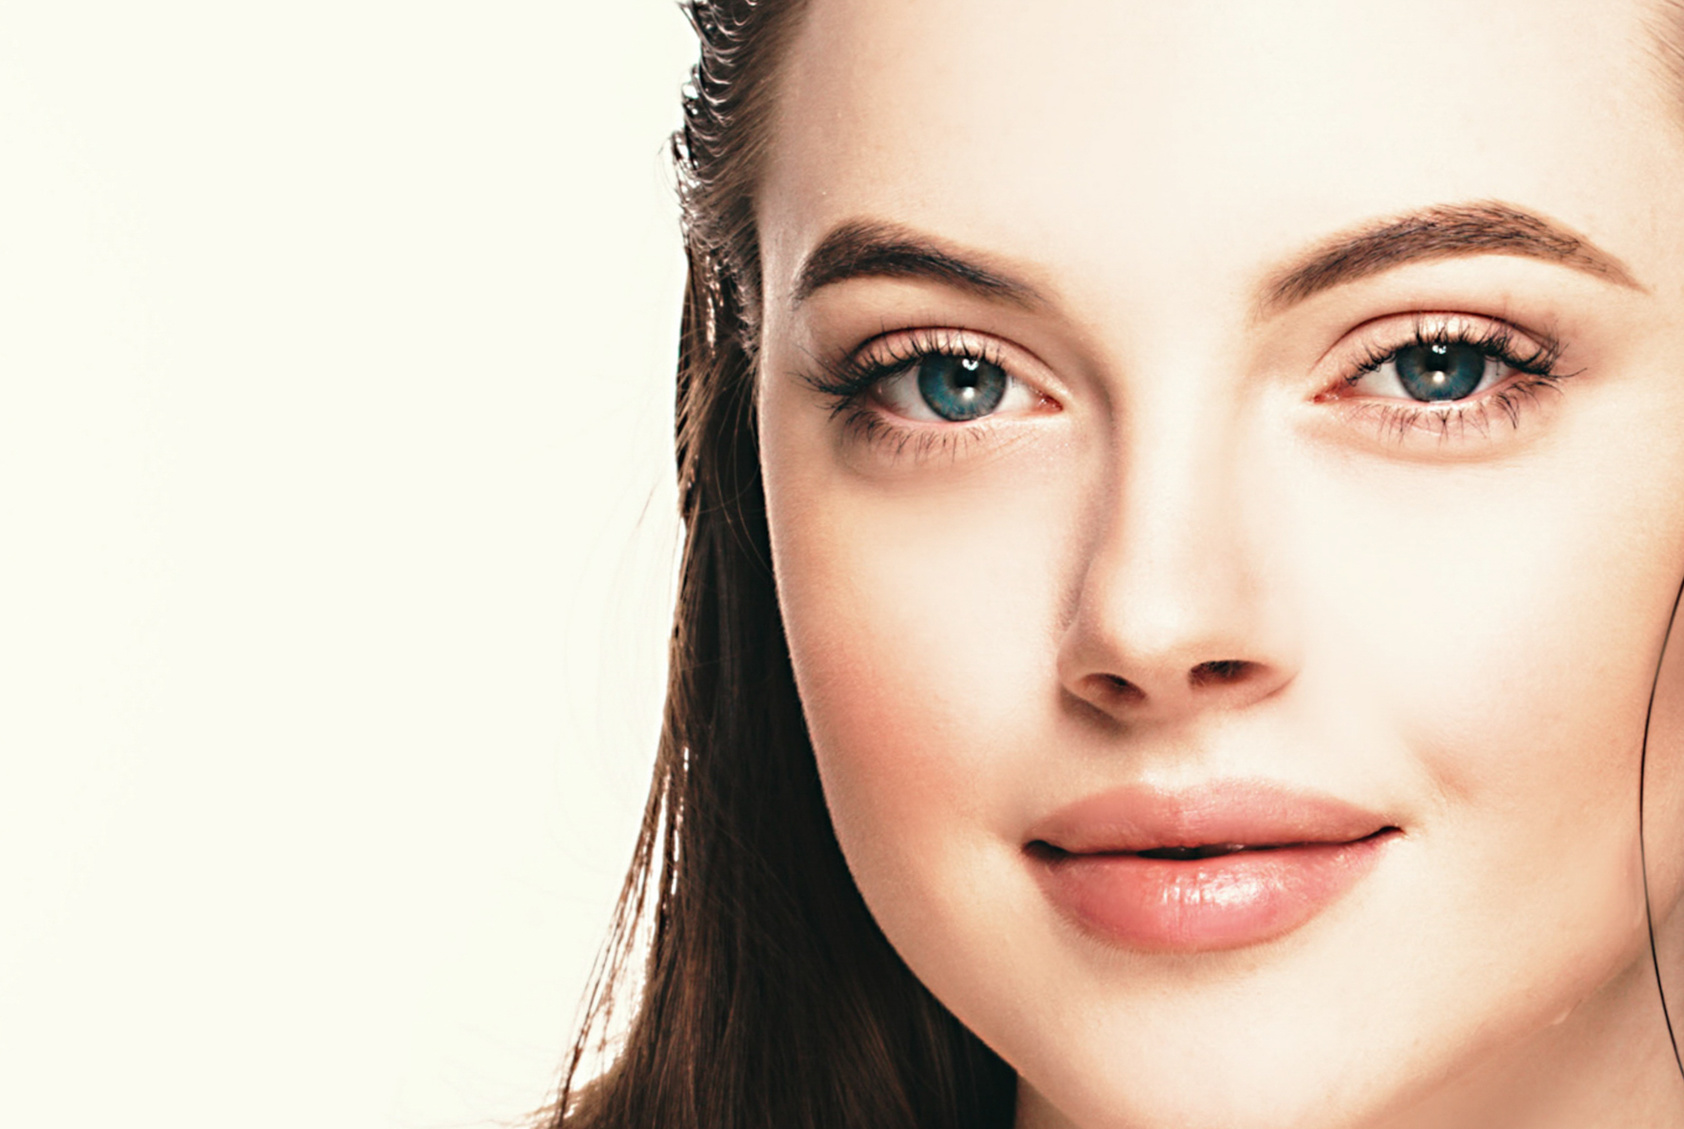 Malowanie oczu wypukłych – propozycja na szybki codzienny make-up